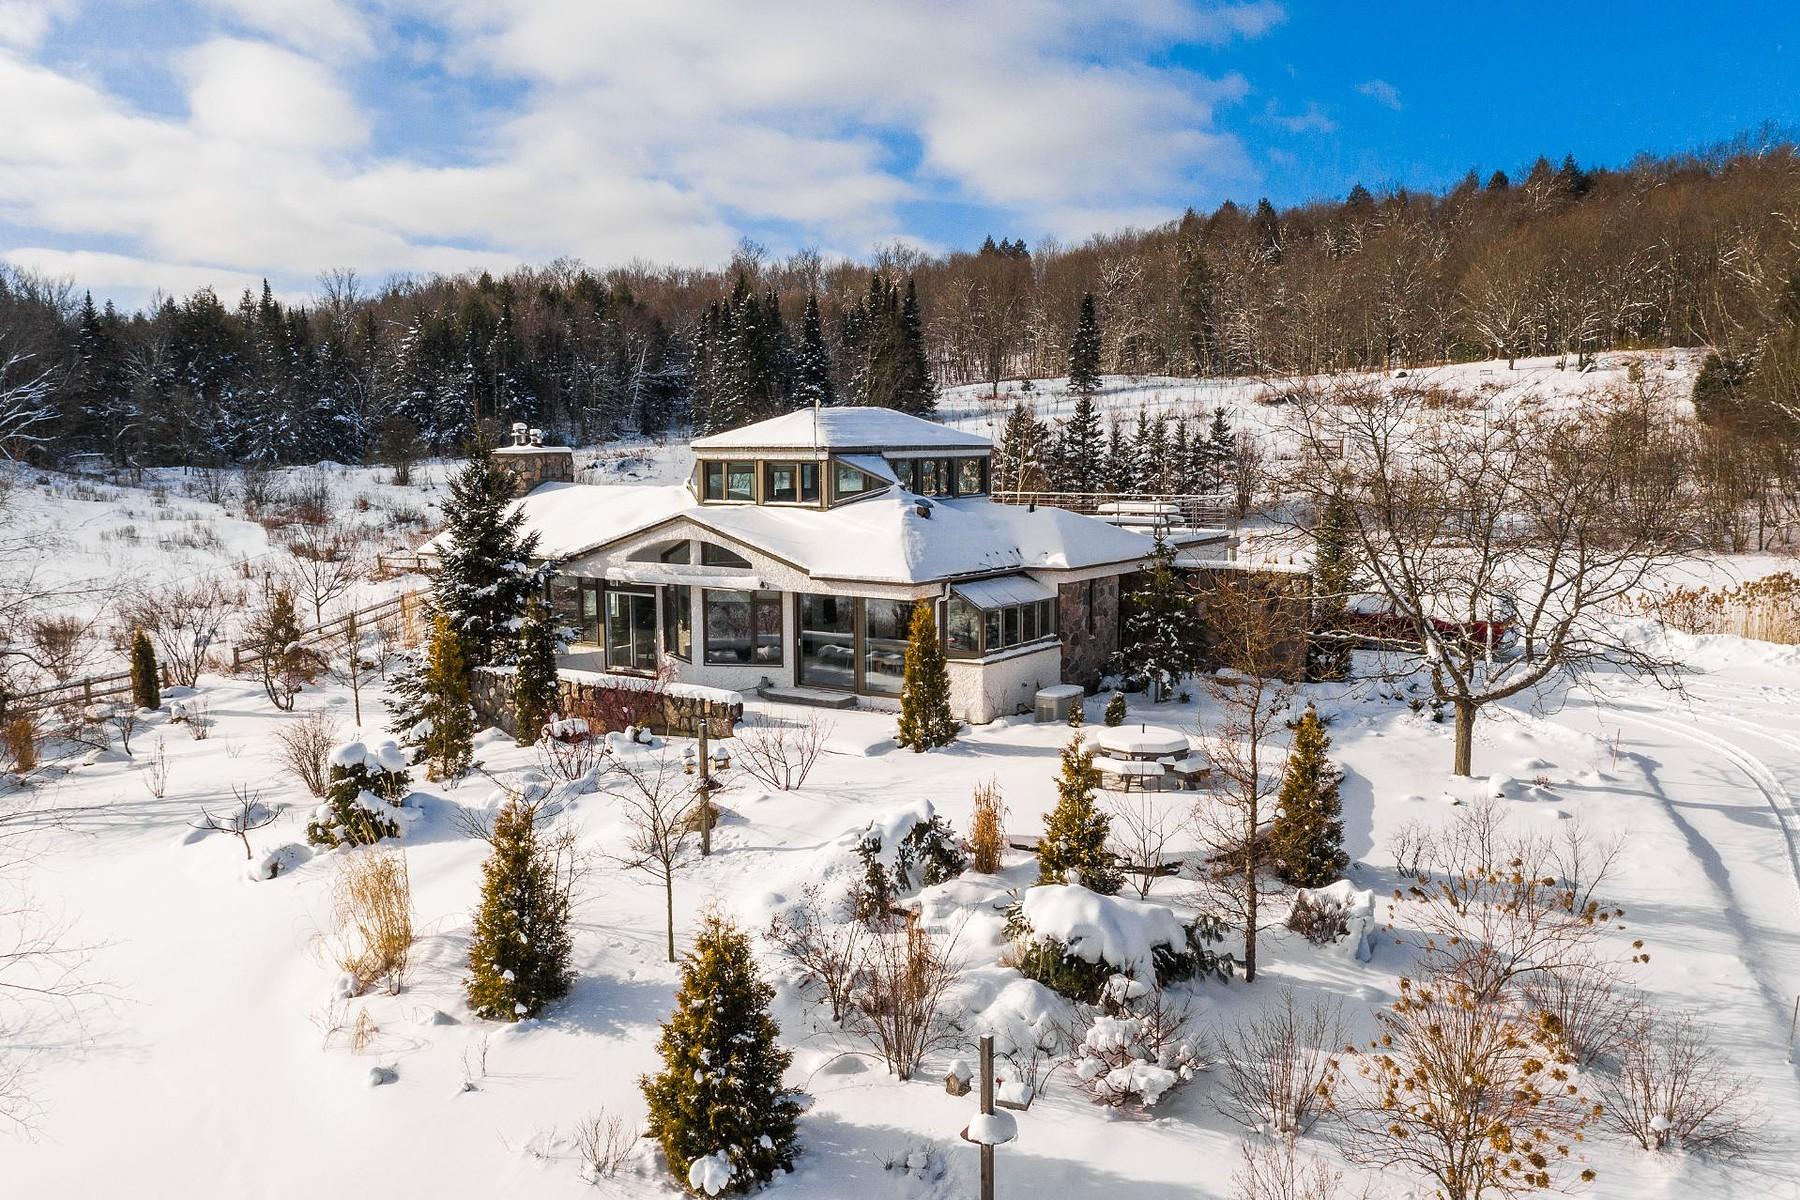 Single Family Homes for Sale at Sutton, Montérégie 899 Route 139 S. Sutton, Quebec J0E2K0 Canada